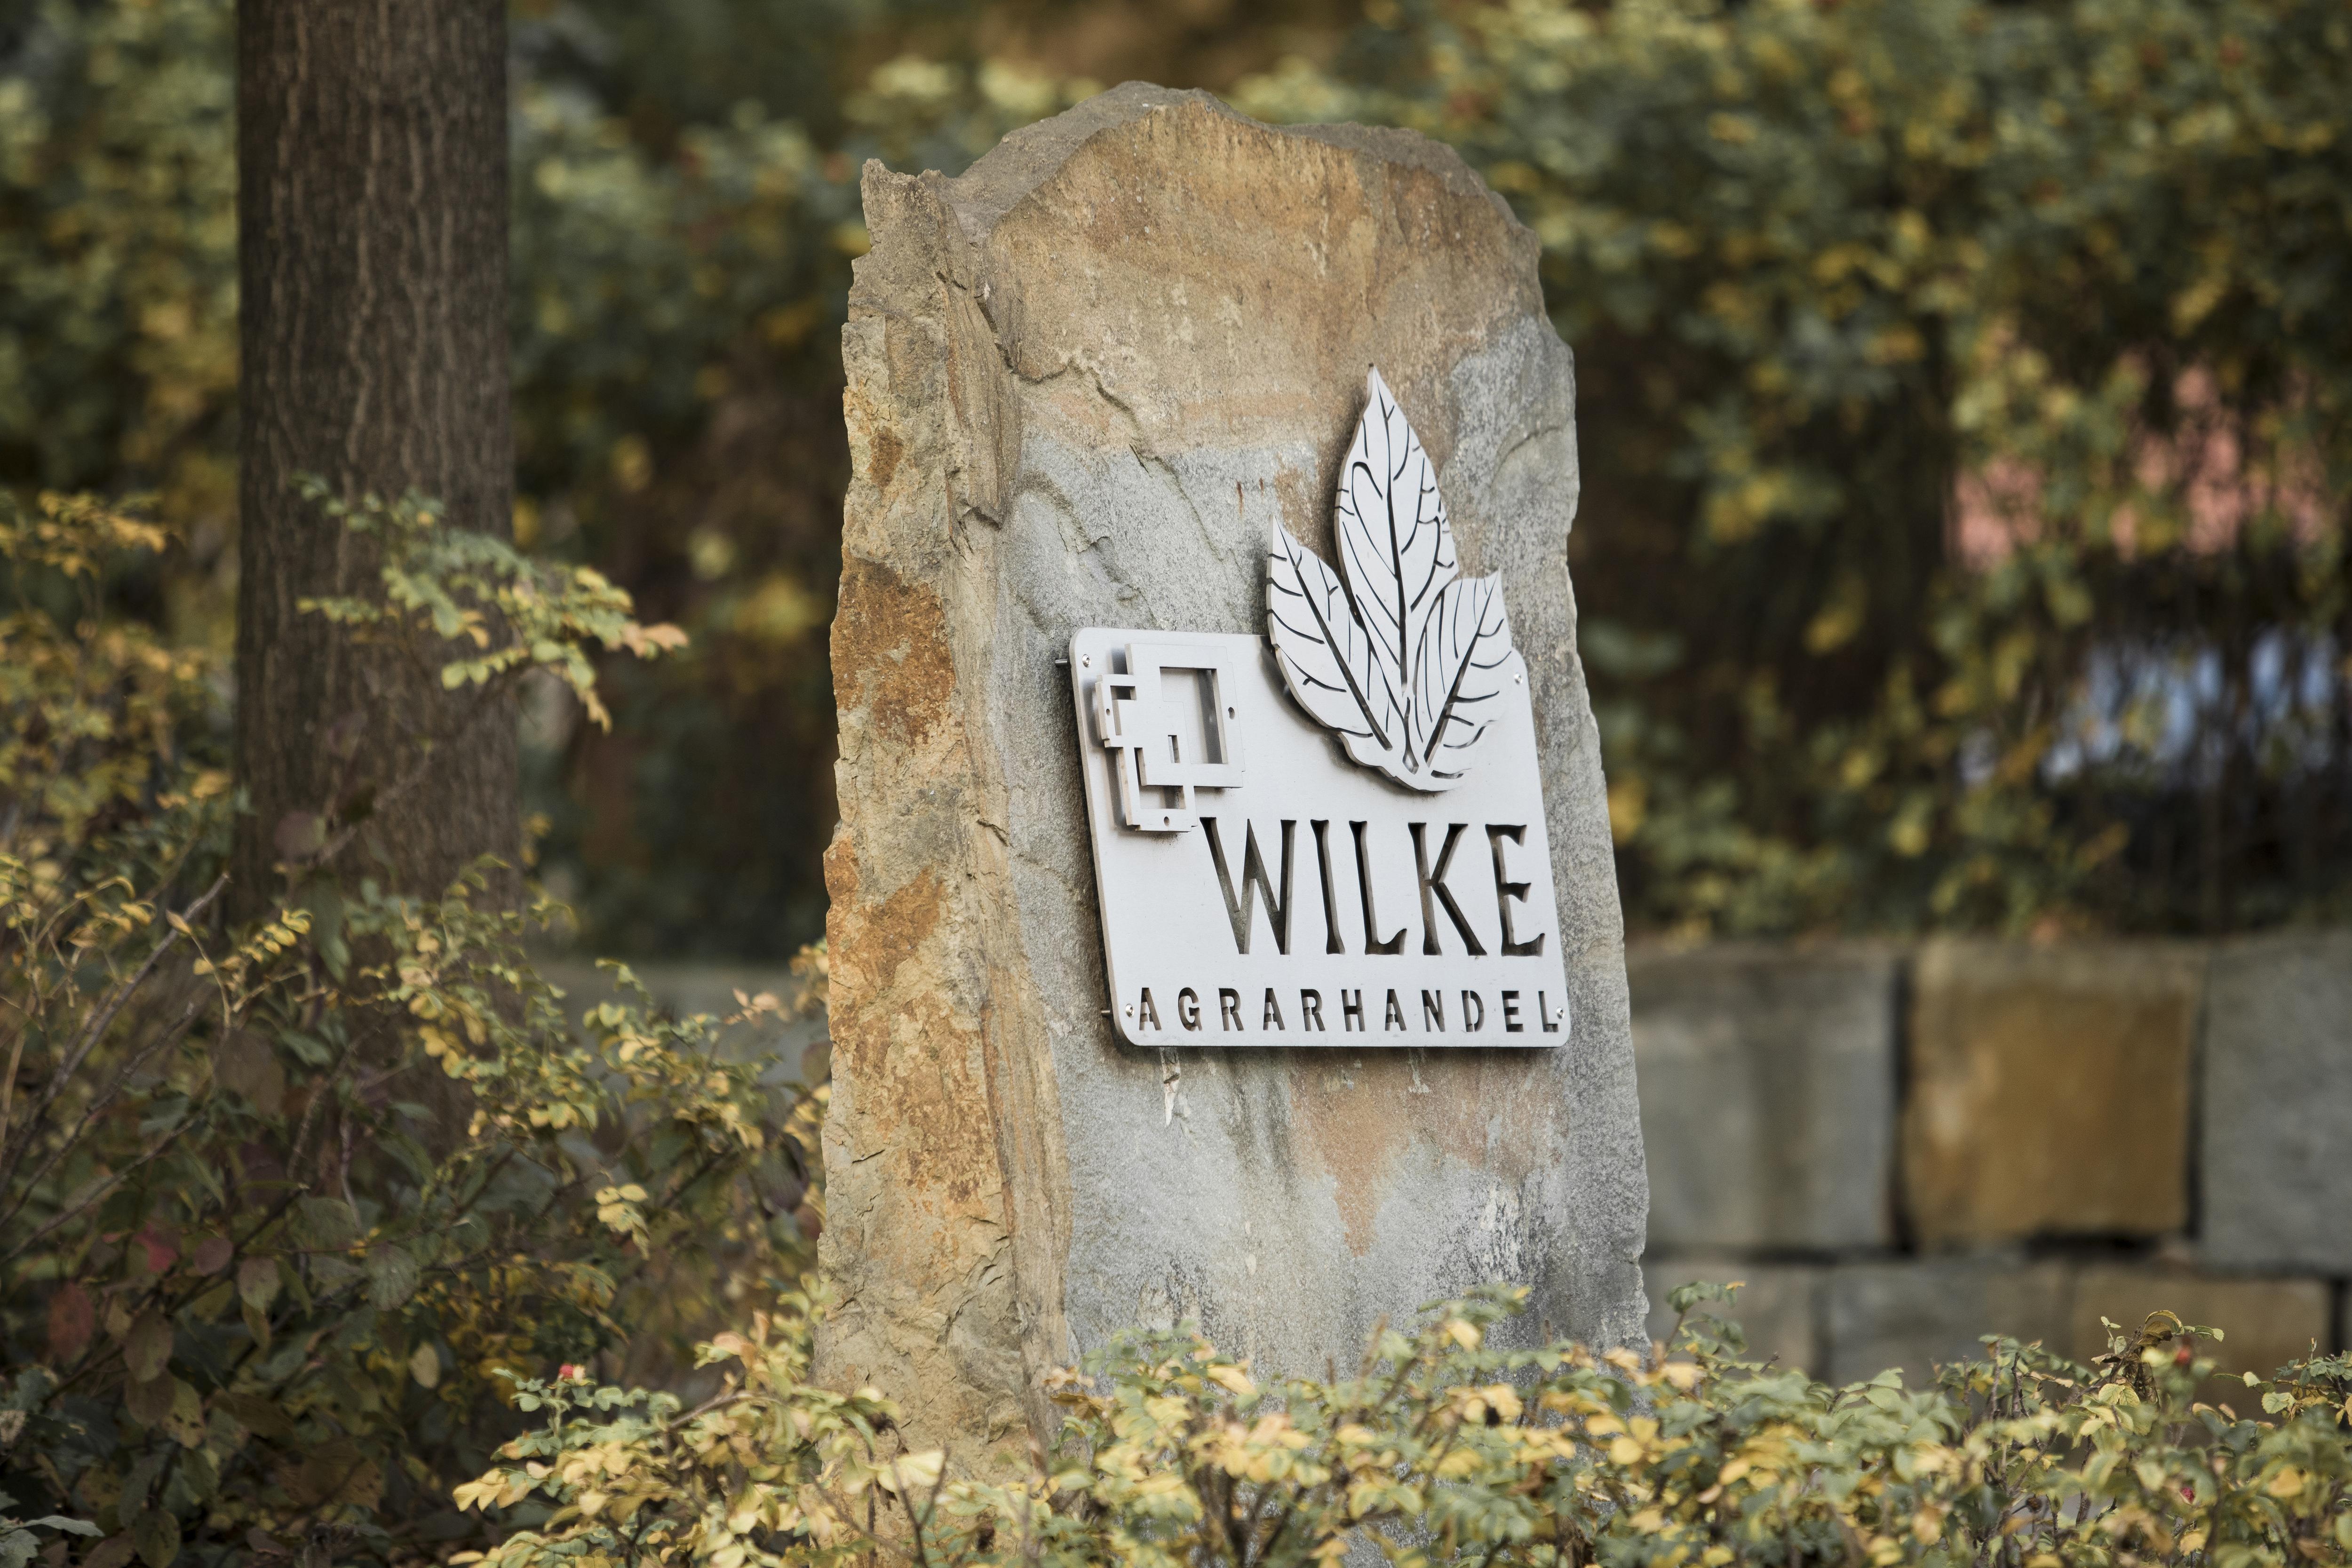 wilke_4112